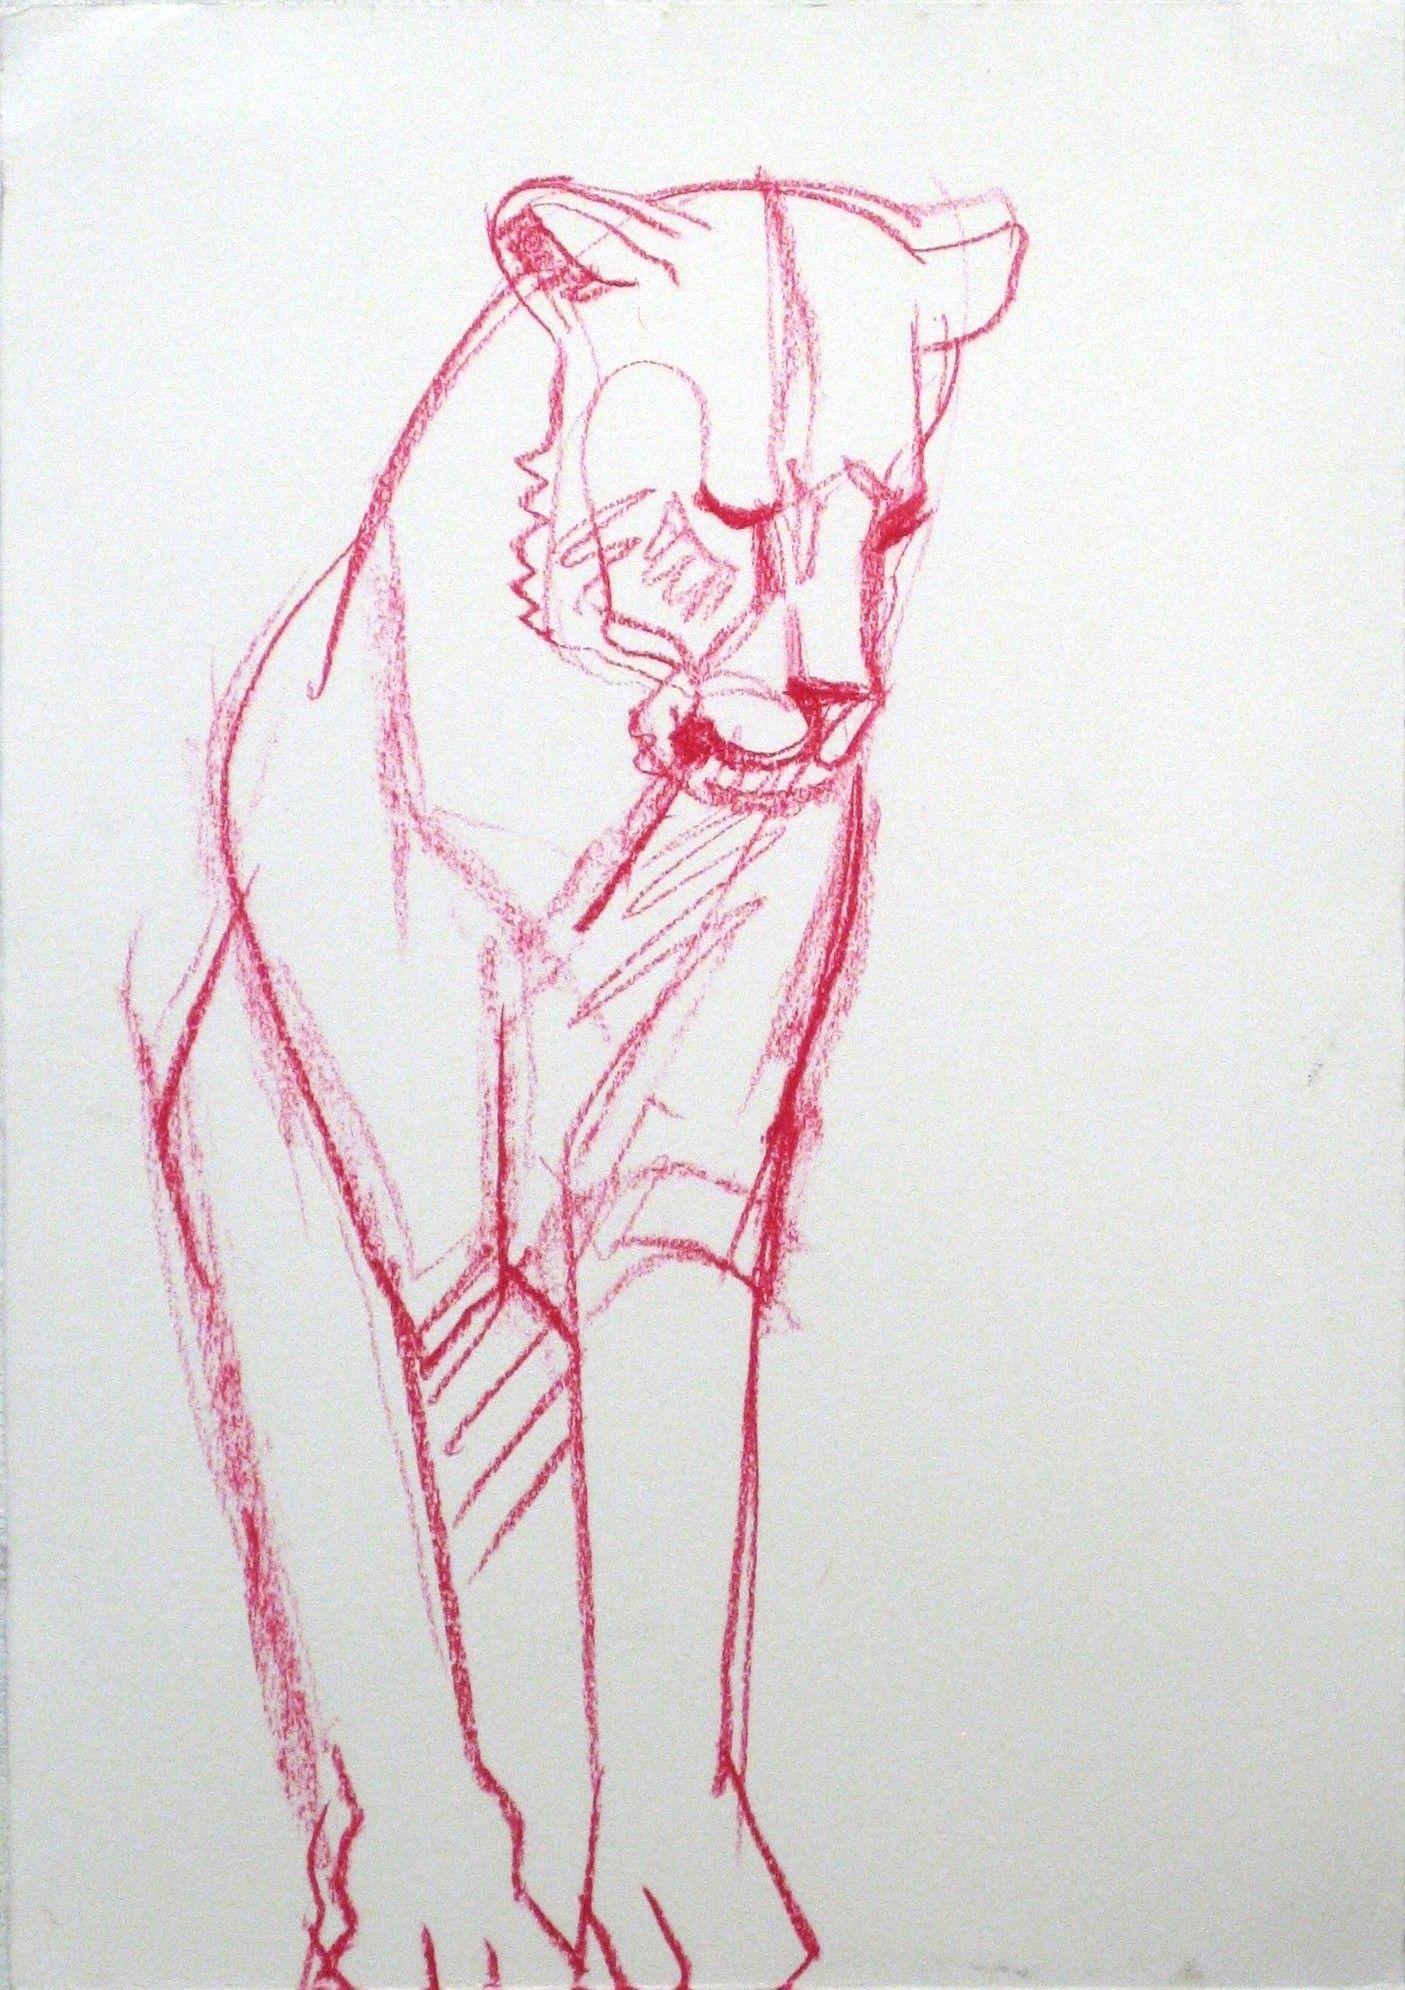 Lejon, krita, 56x38cm